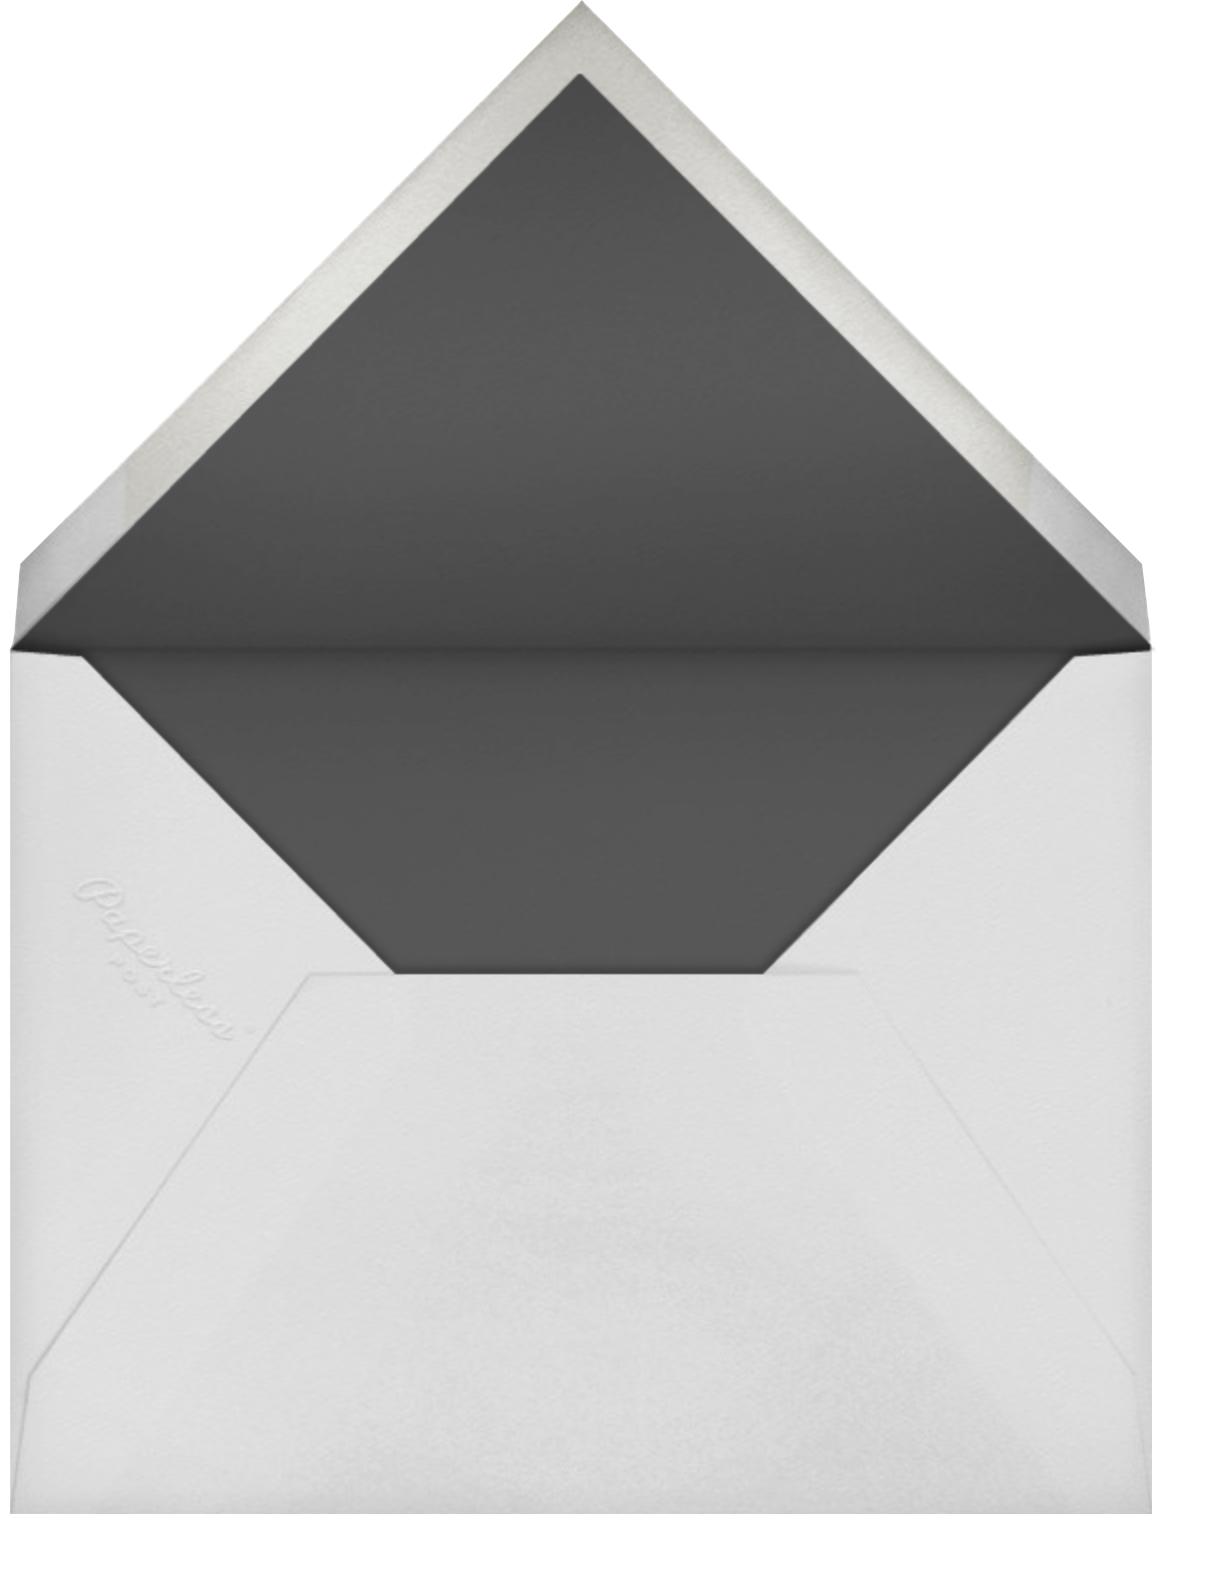 Blithe (Thank You) - Kelly Wearstler - null - envelope back